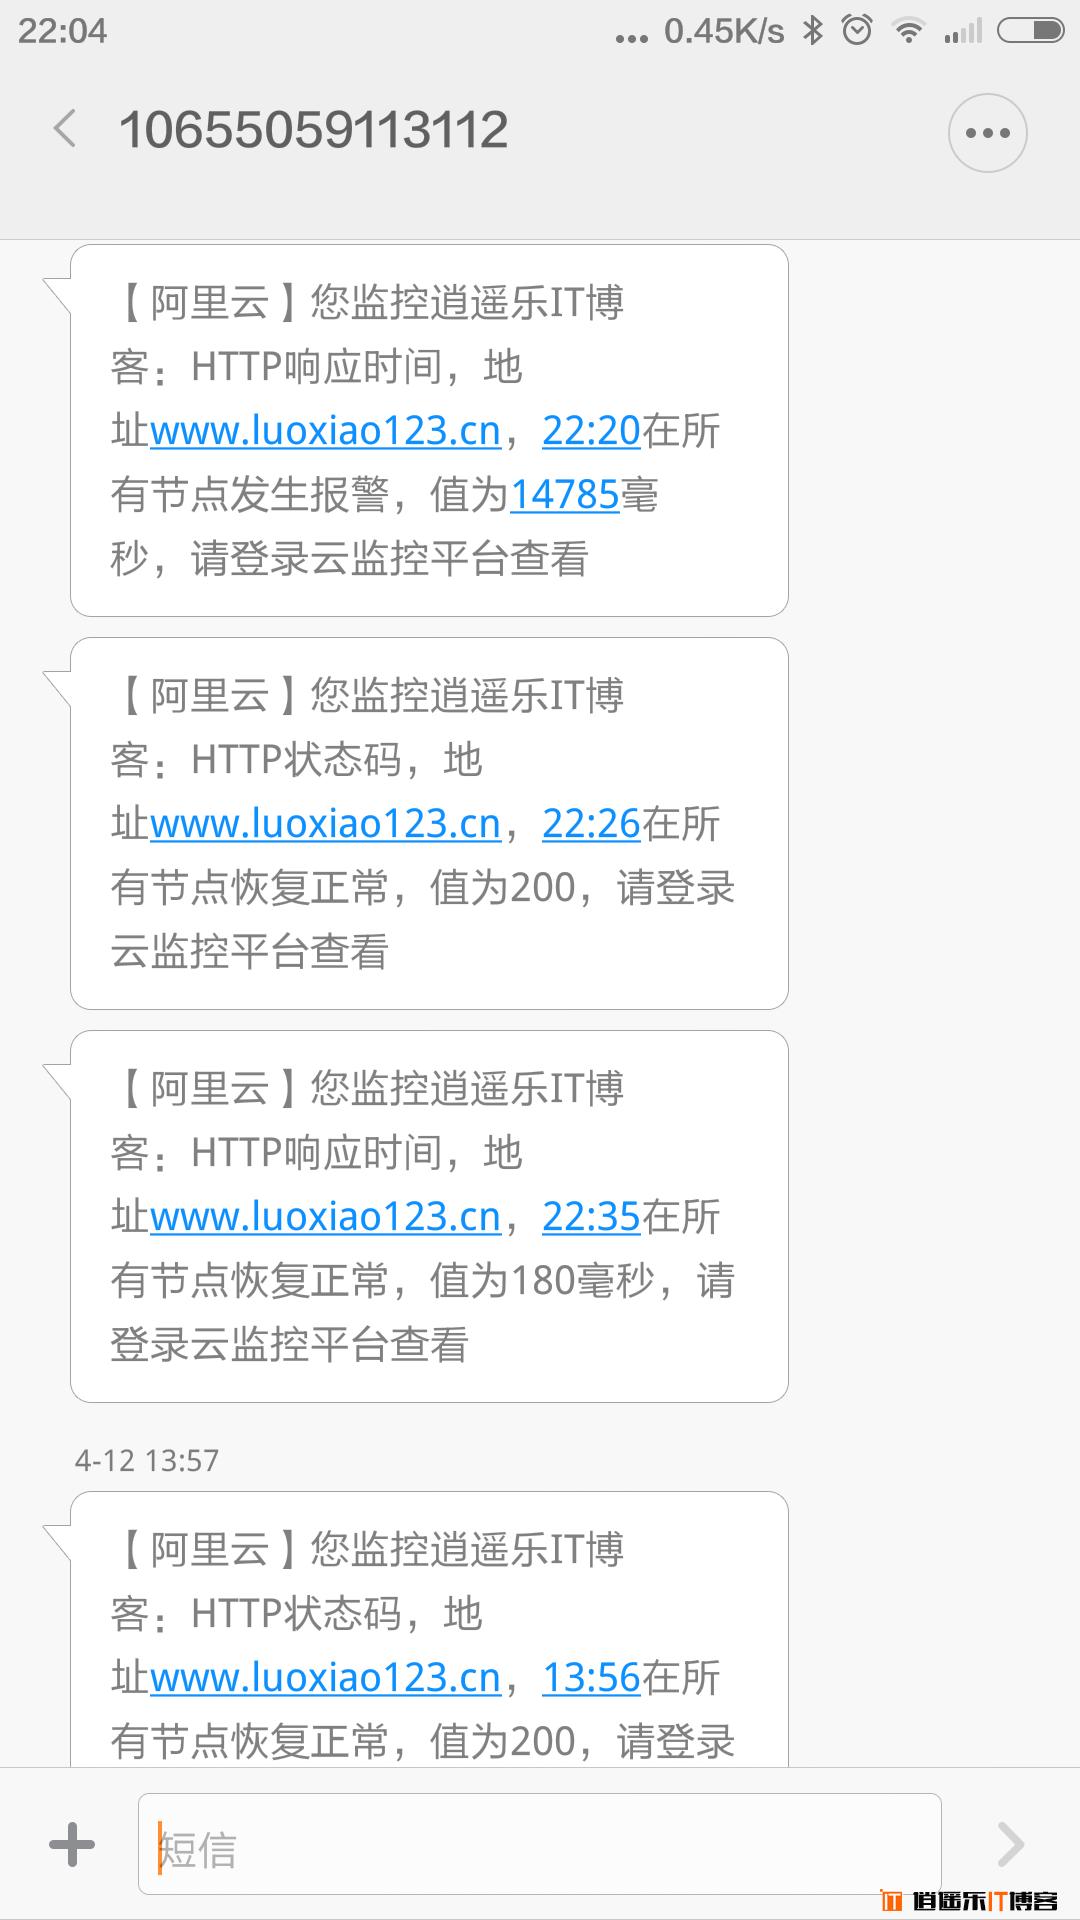 最近网站IP破千,为了网站稳定,果断升级2核2G